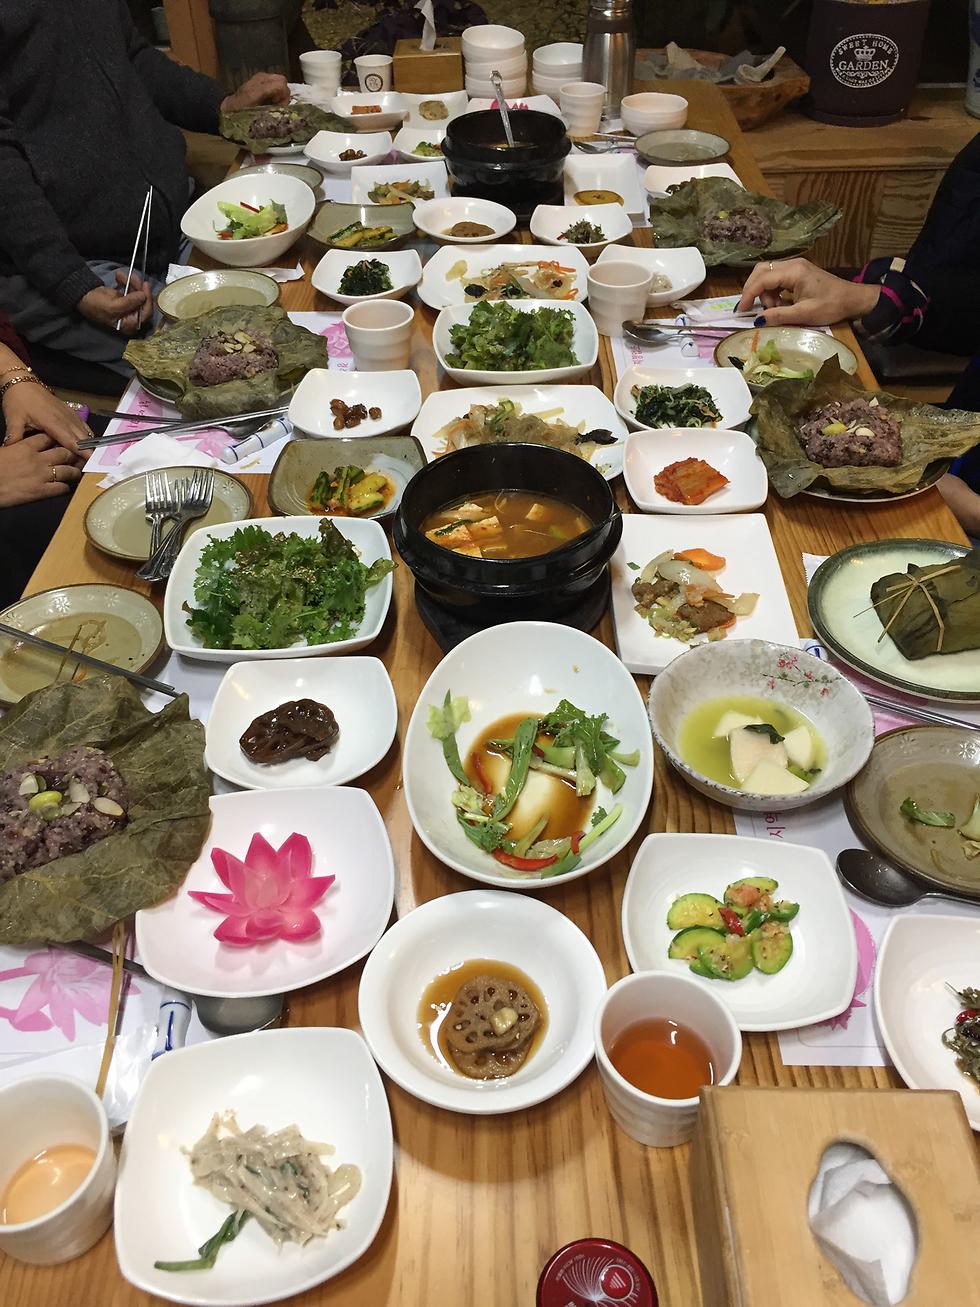 ארוחה קוריאנית מסורתית